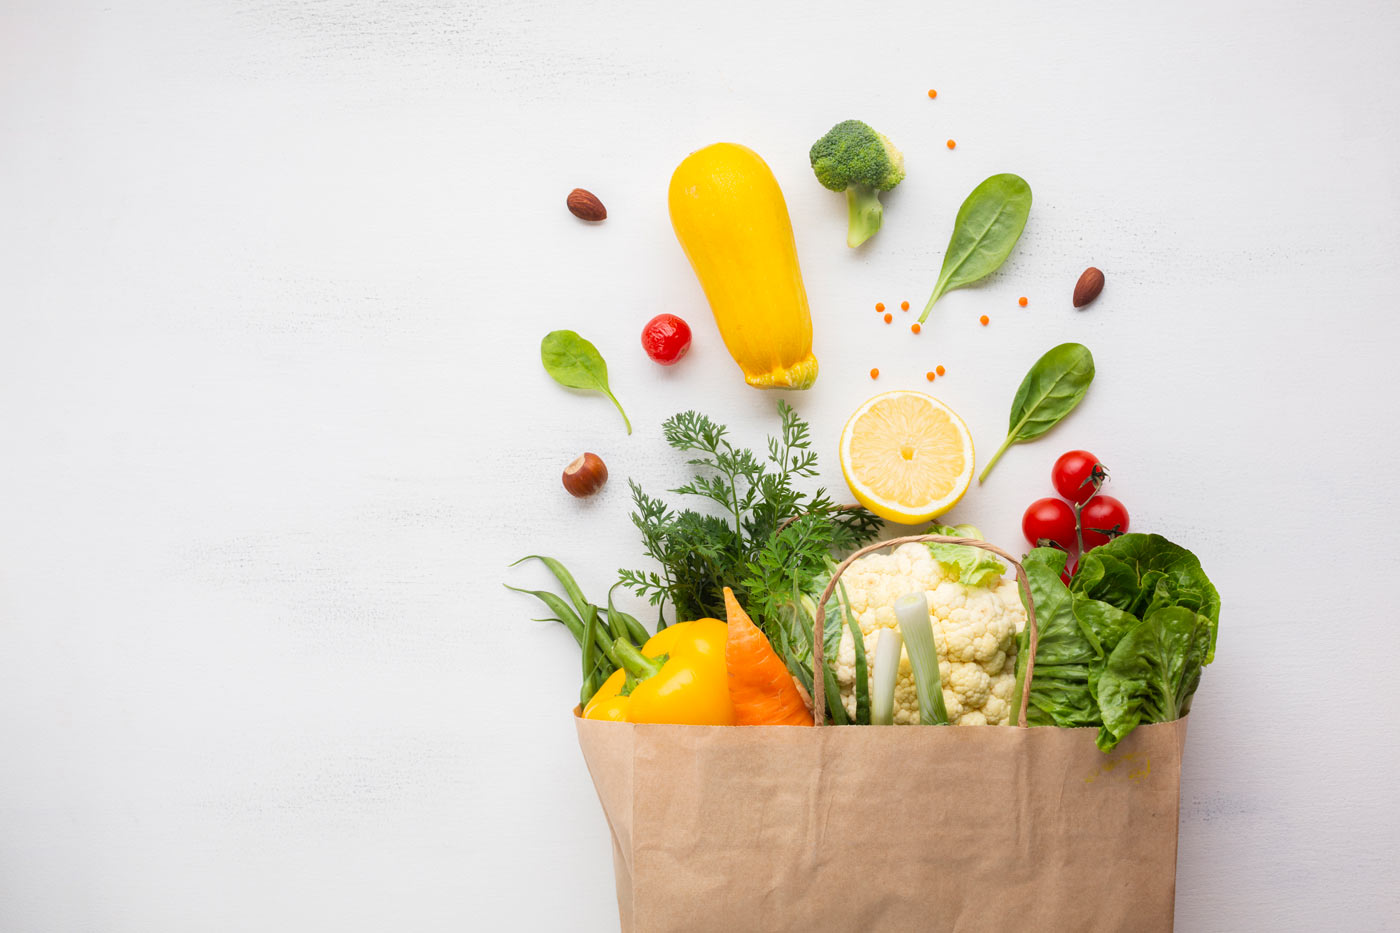 Που καταλήγει το ένα τρίτο των τροφίμων κάθε χρόνο παγκοσμίως;